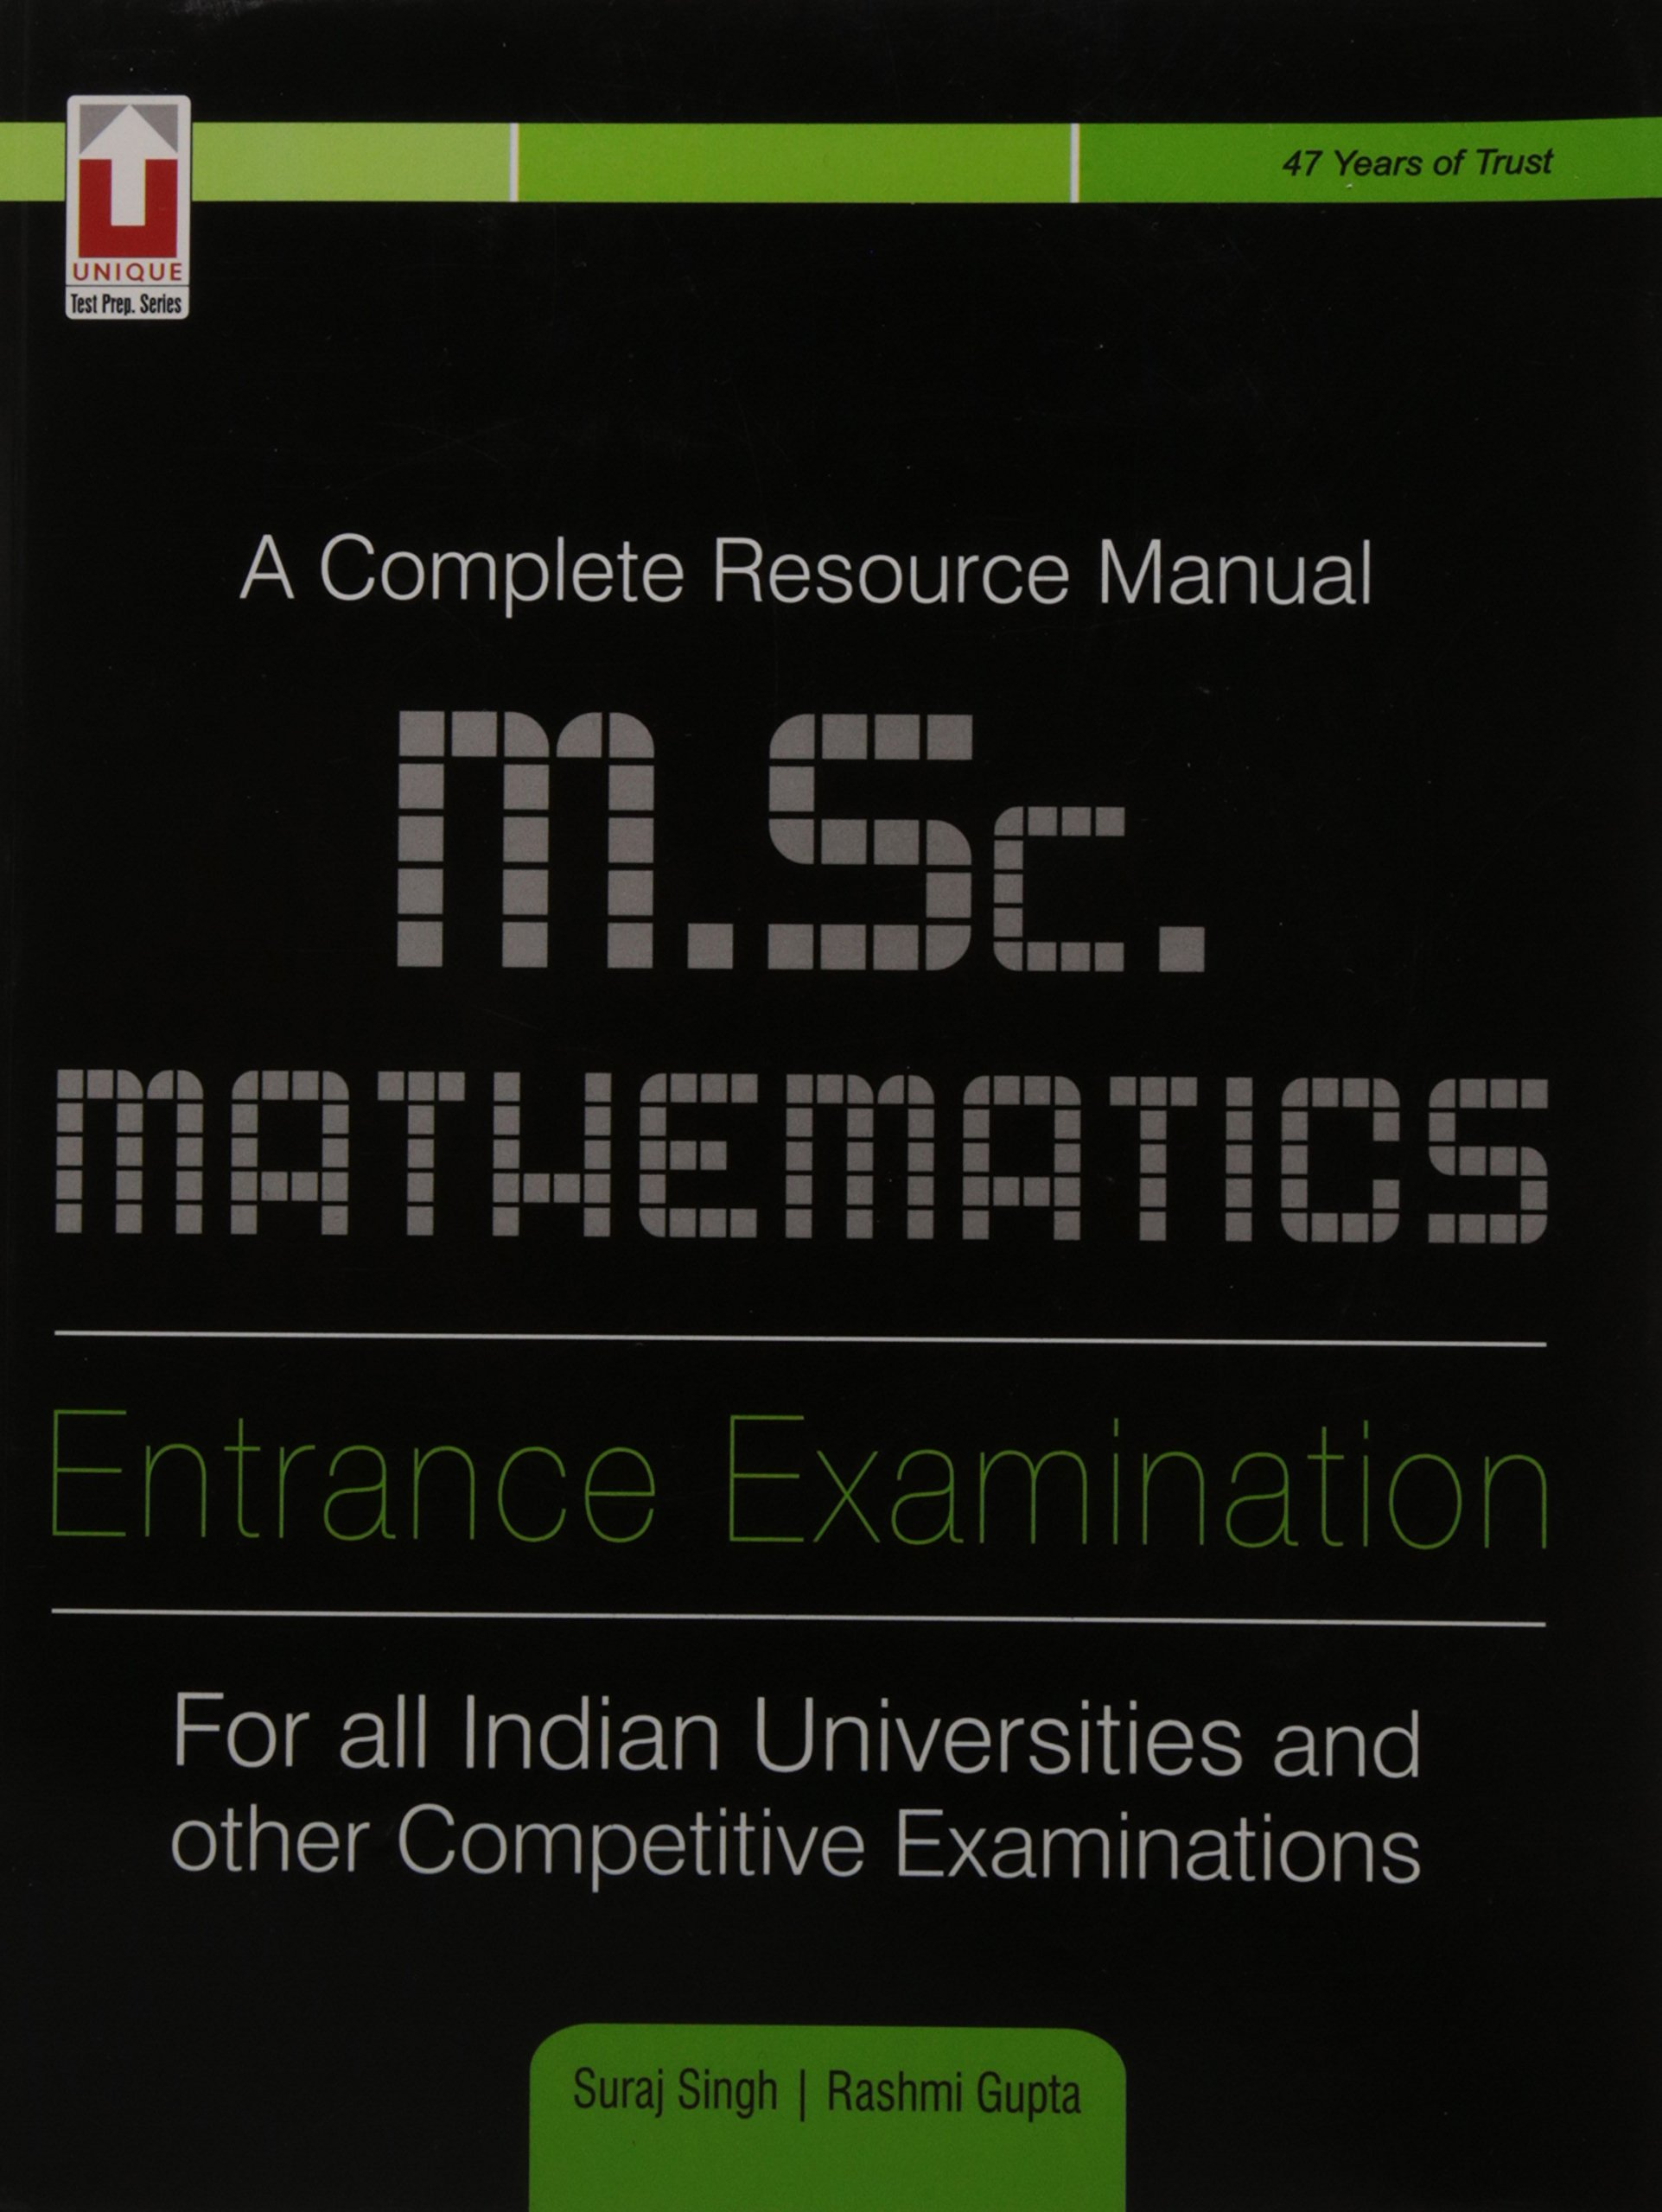 Fdic trust examination manual.